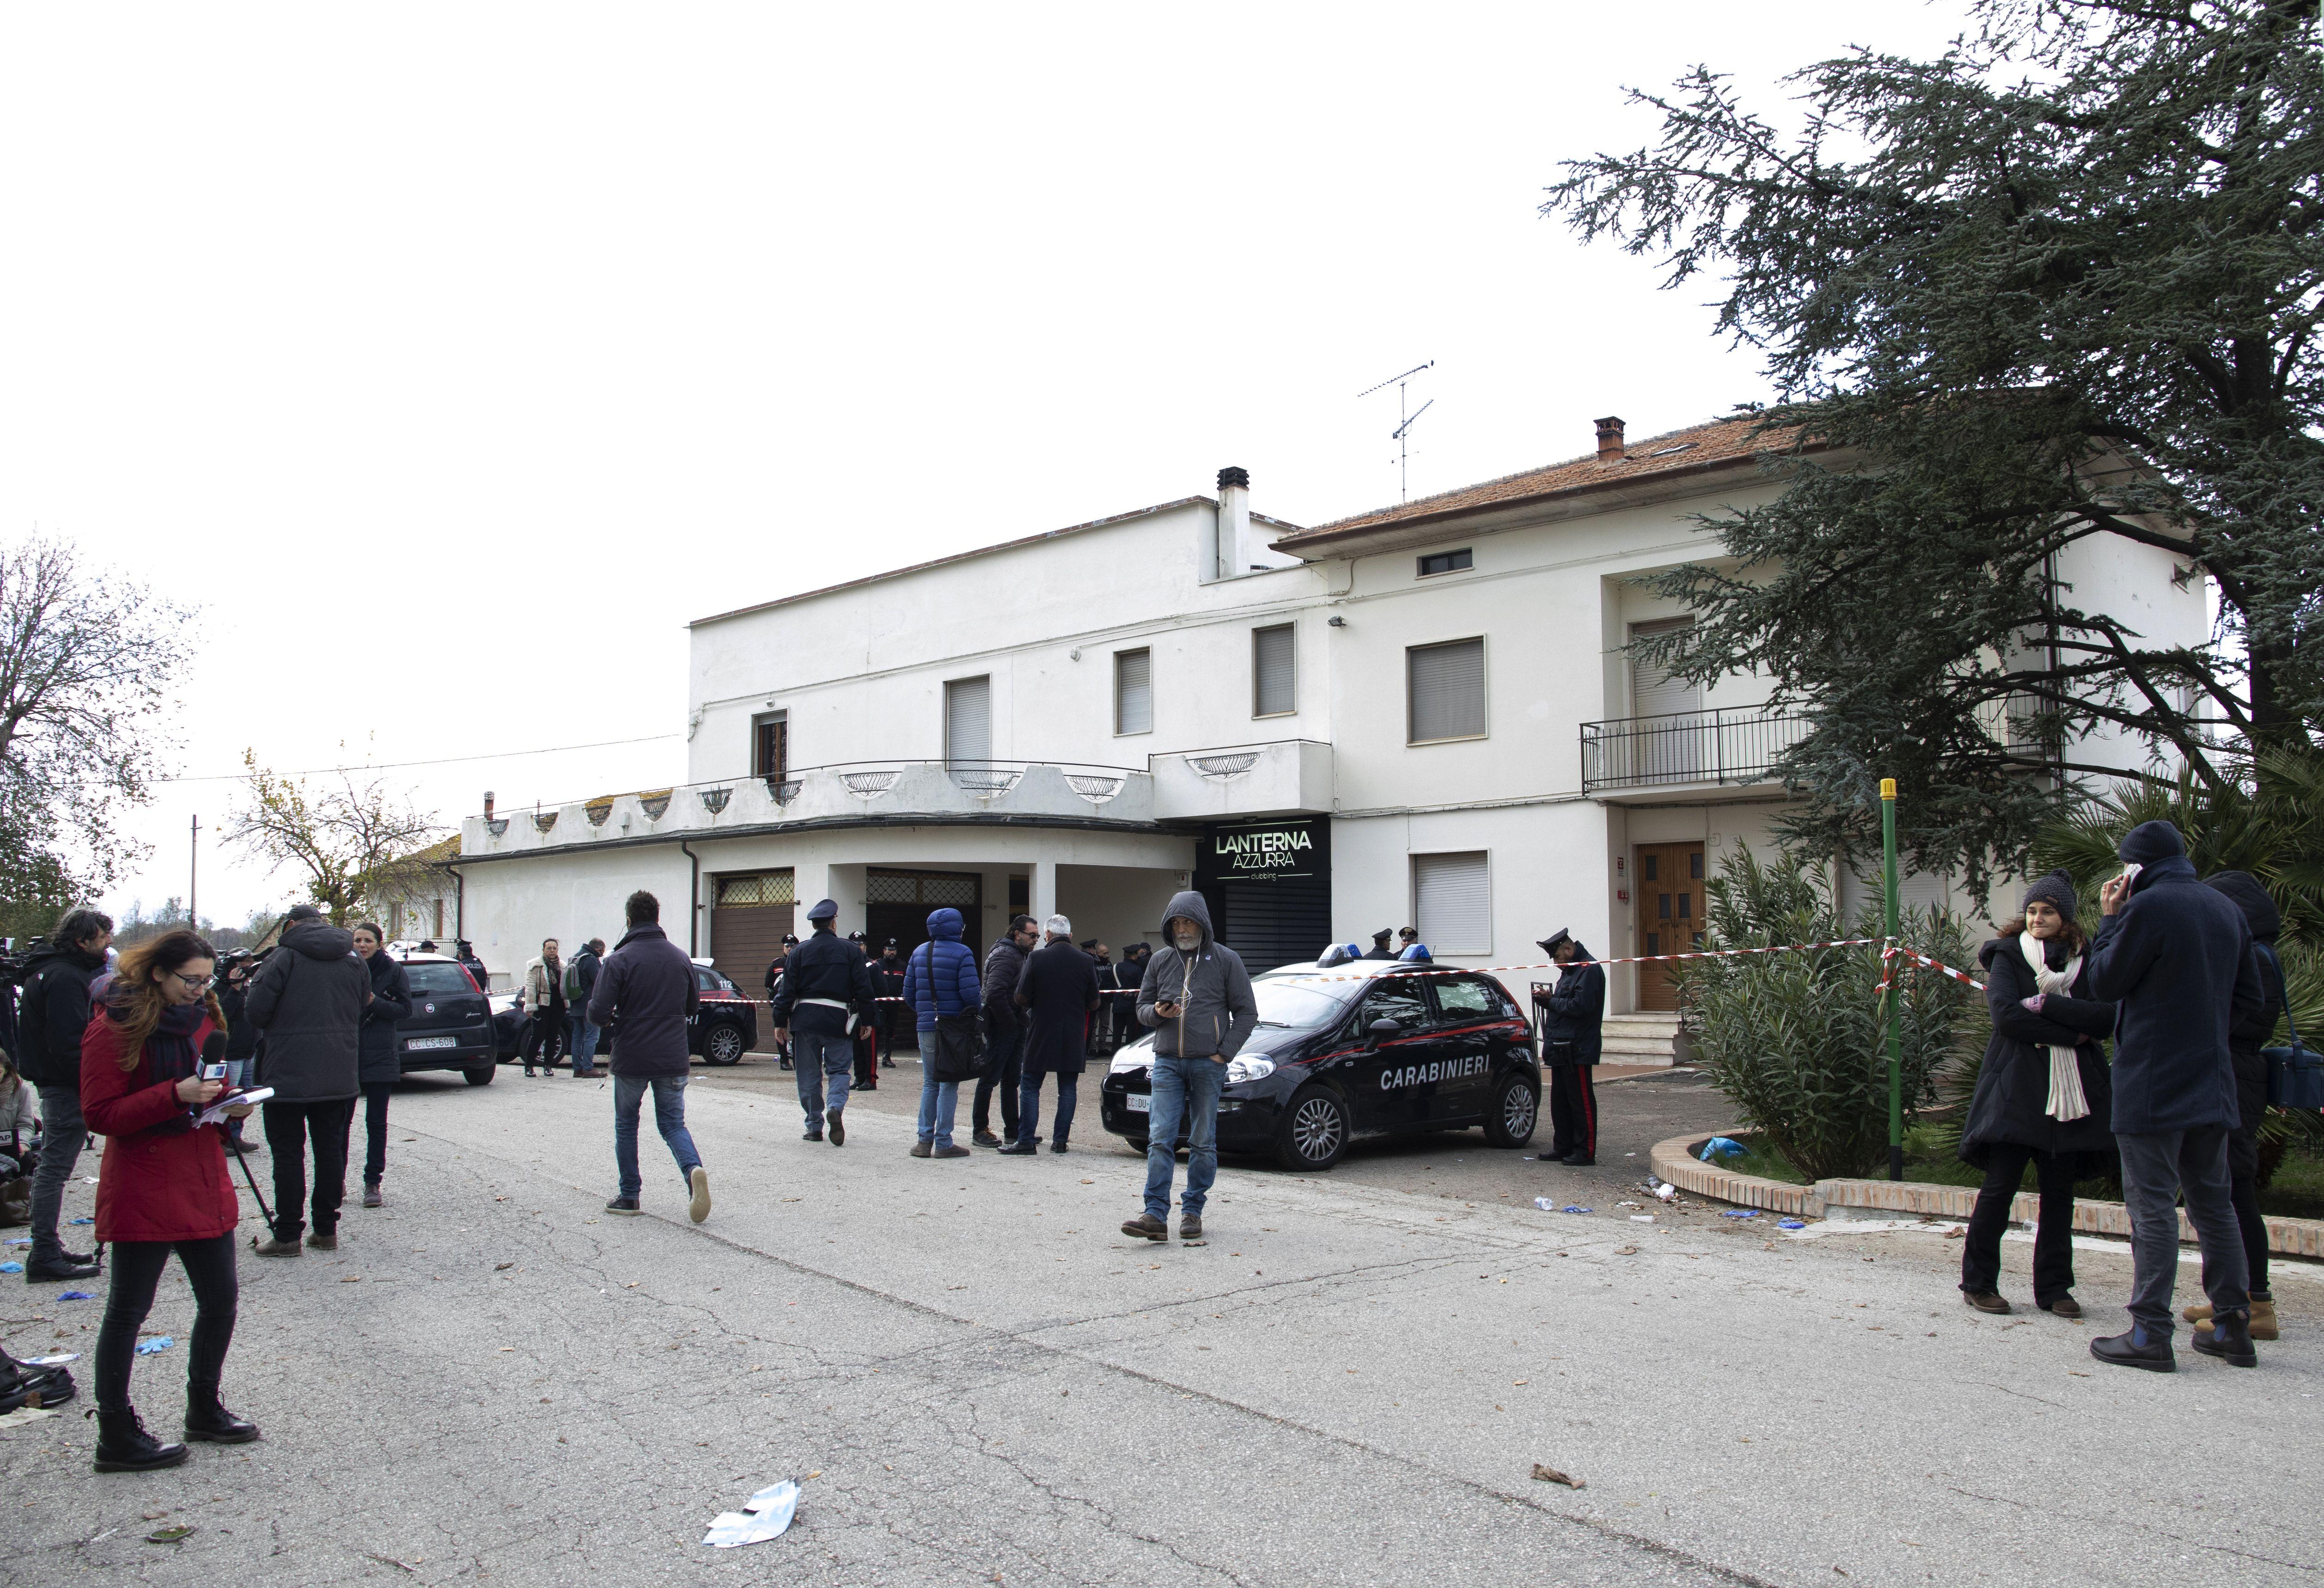 NUMERI SBAGLIATI SULLA TRAGEDIA DI CORINALDO - I Carabinieri correggono le prime ricostruzioni di Conte e Salvini sul sovraff...